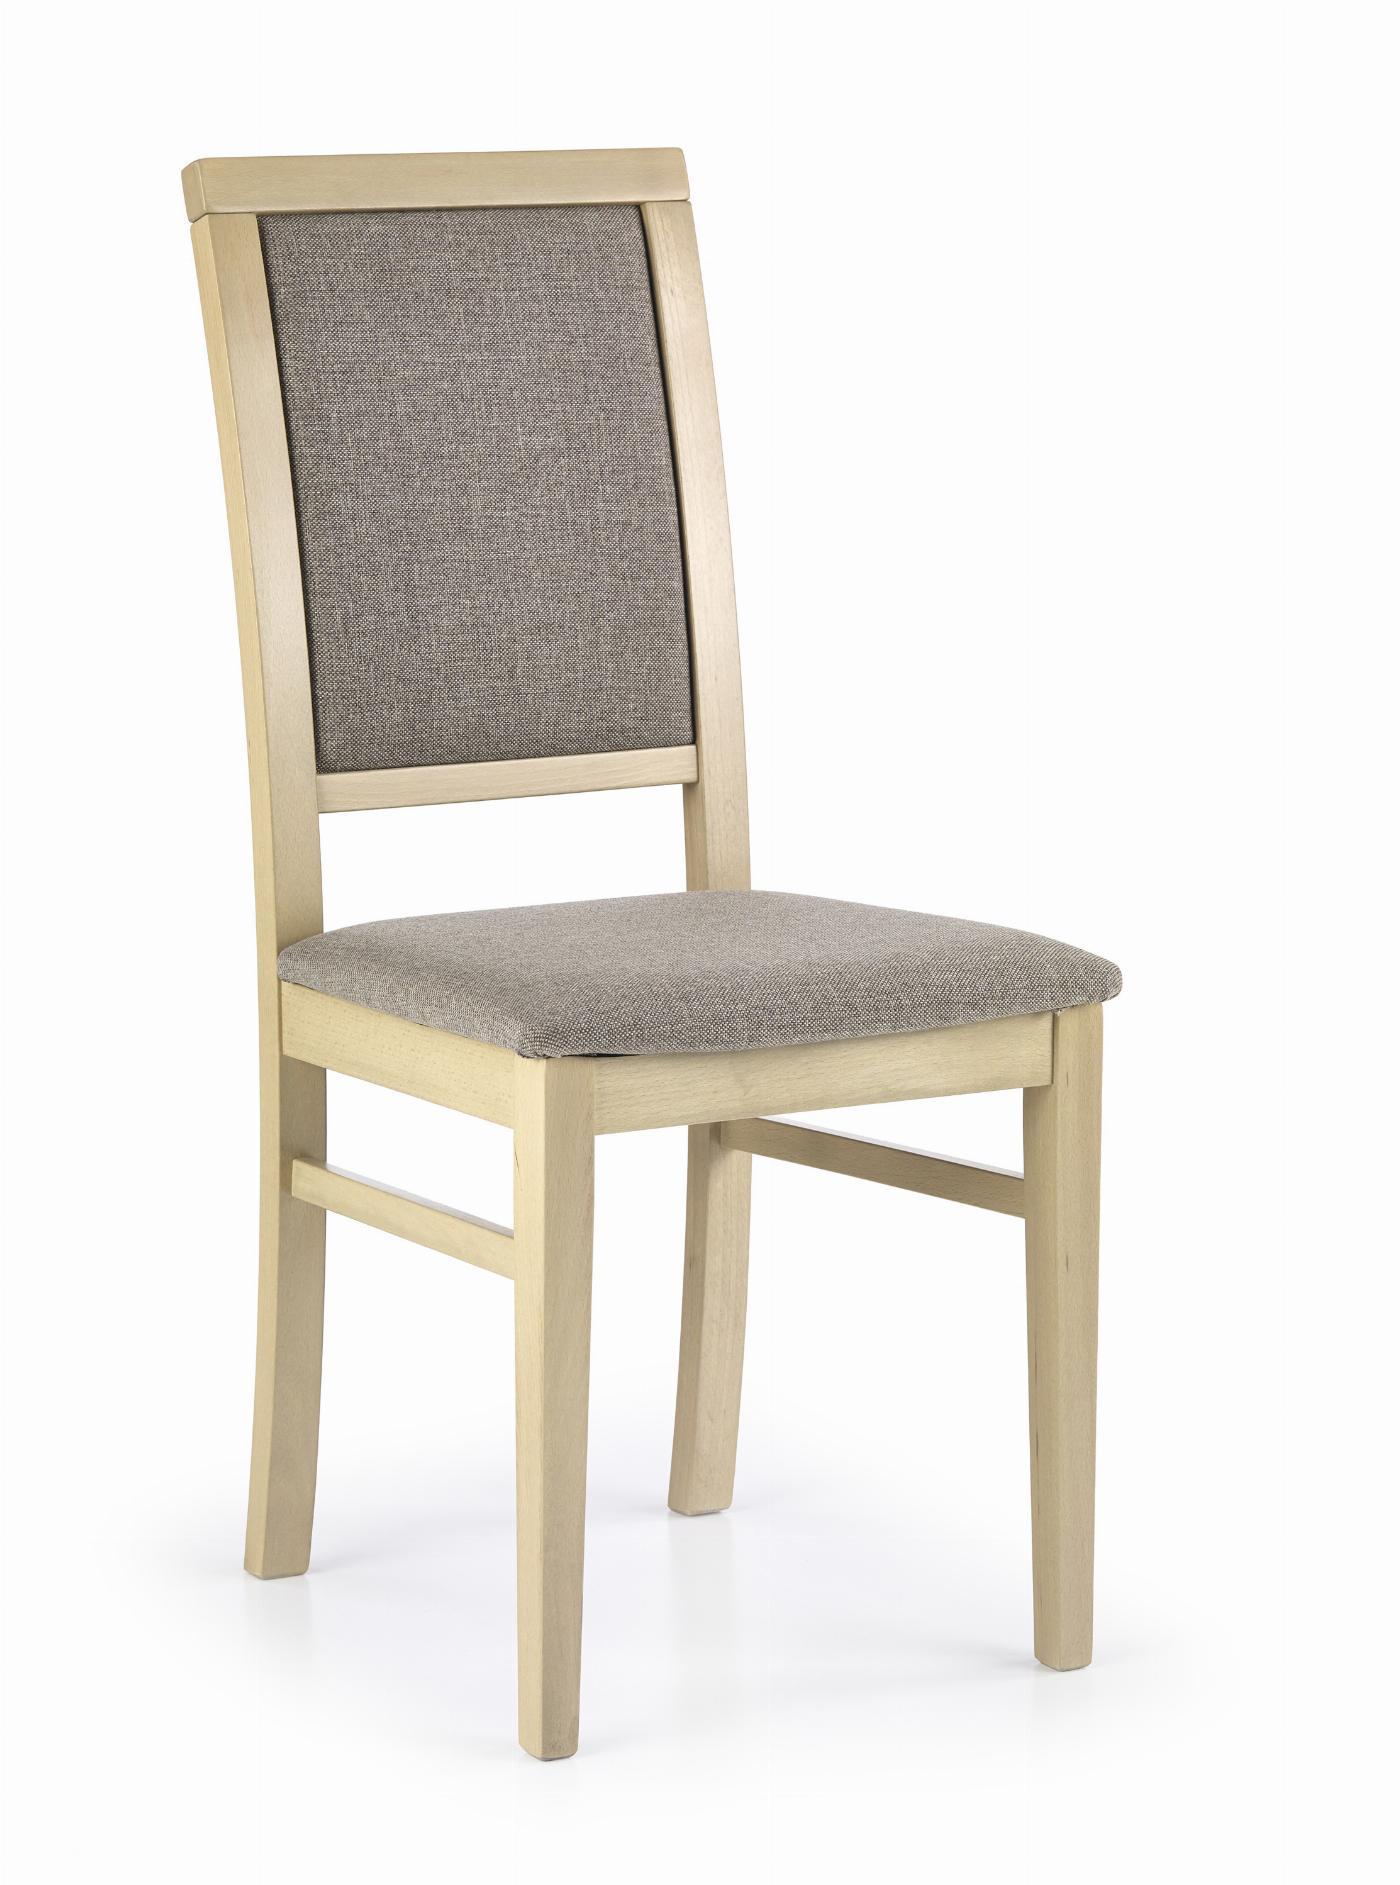 SYLWEK1 krzesło dąb sonoma / tap: Inari 23 (1p=2szt)